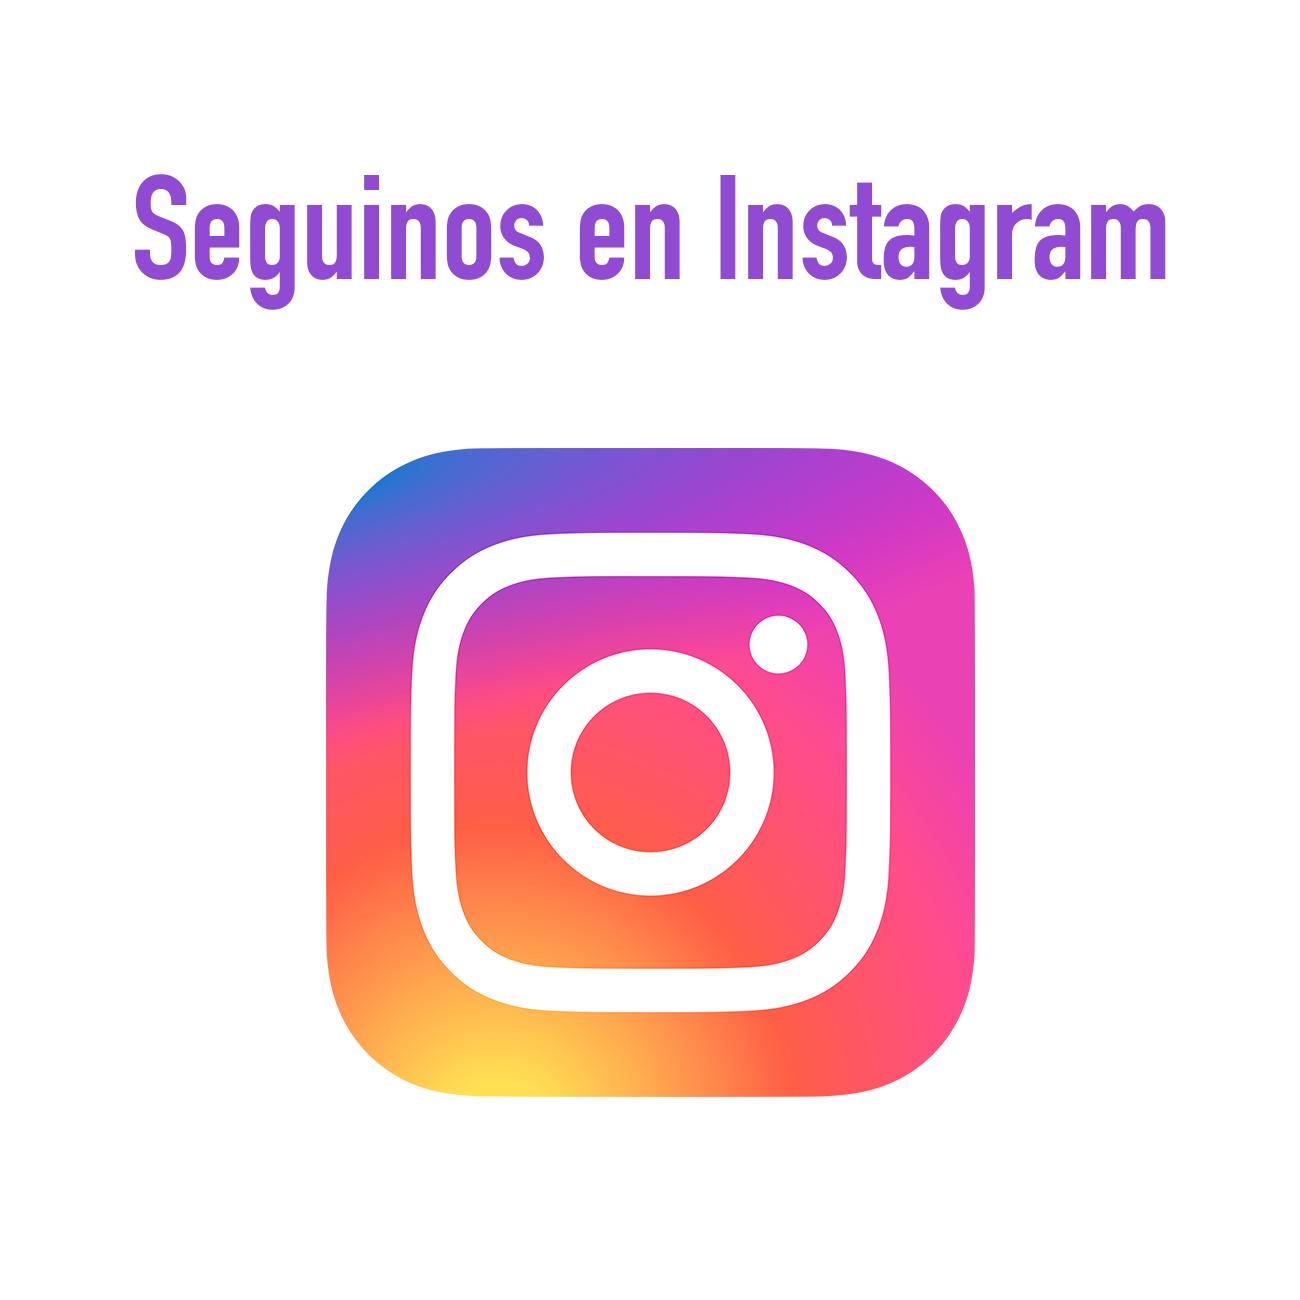 Visita nuestro perfil de Instagram